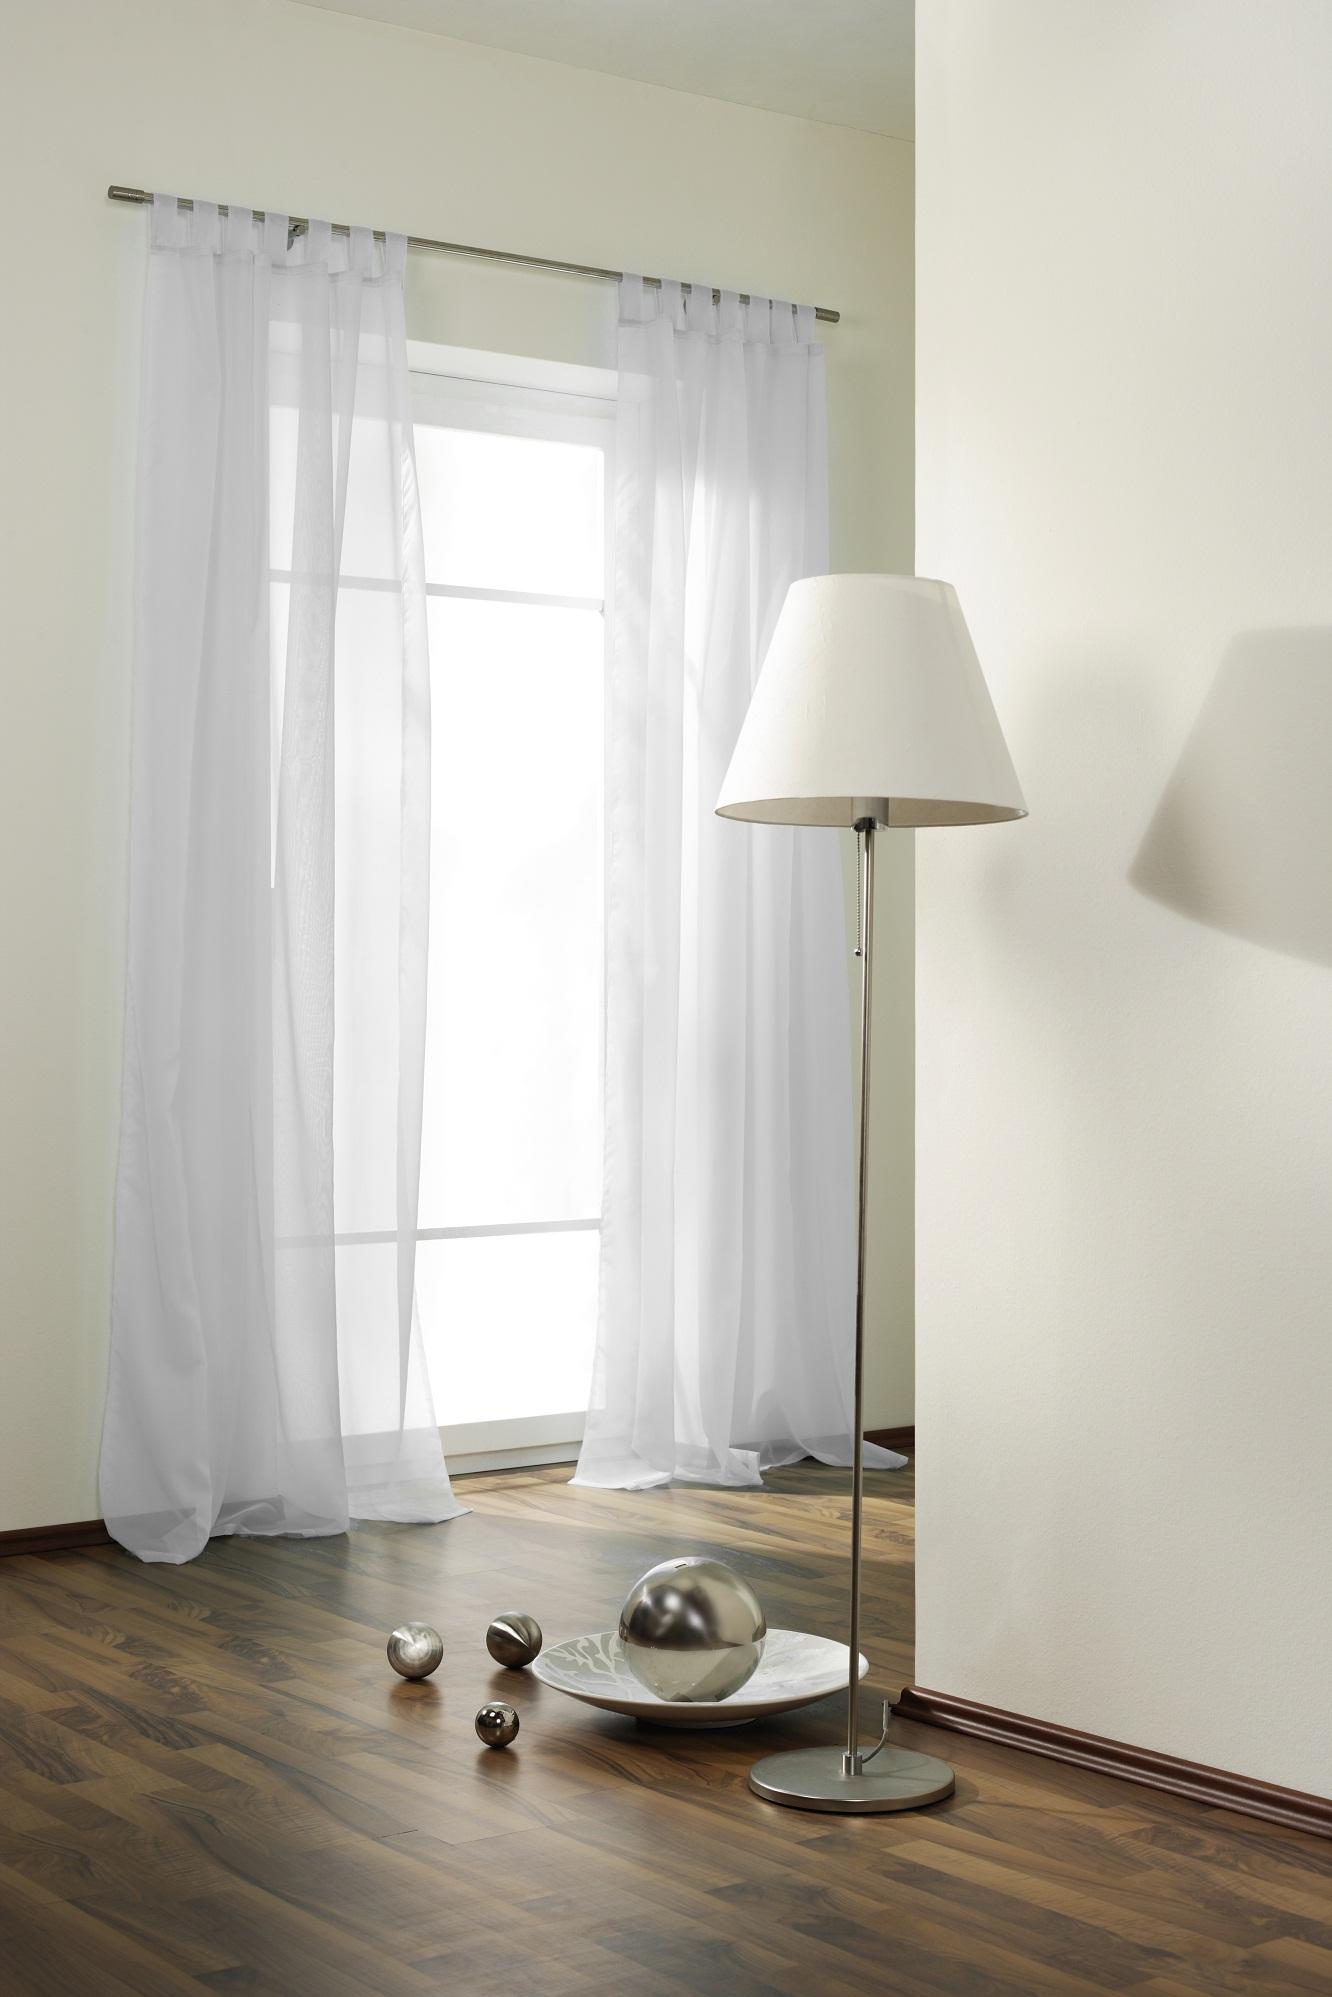 schlaufenschal gardine transparent verschiedene farben ebay. Black Bedroom Furniture Sets. Home Design Ideas